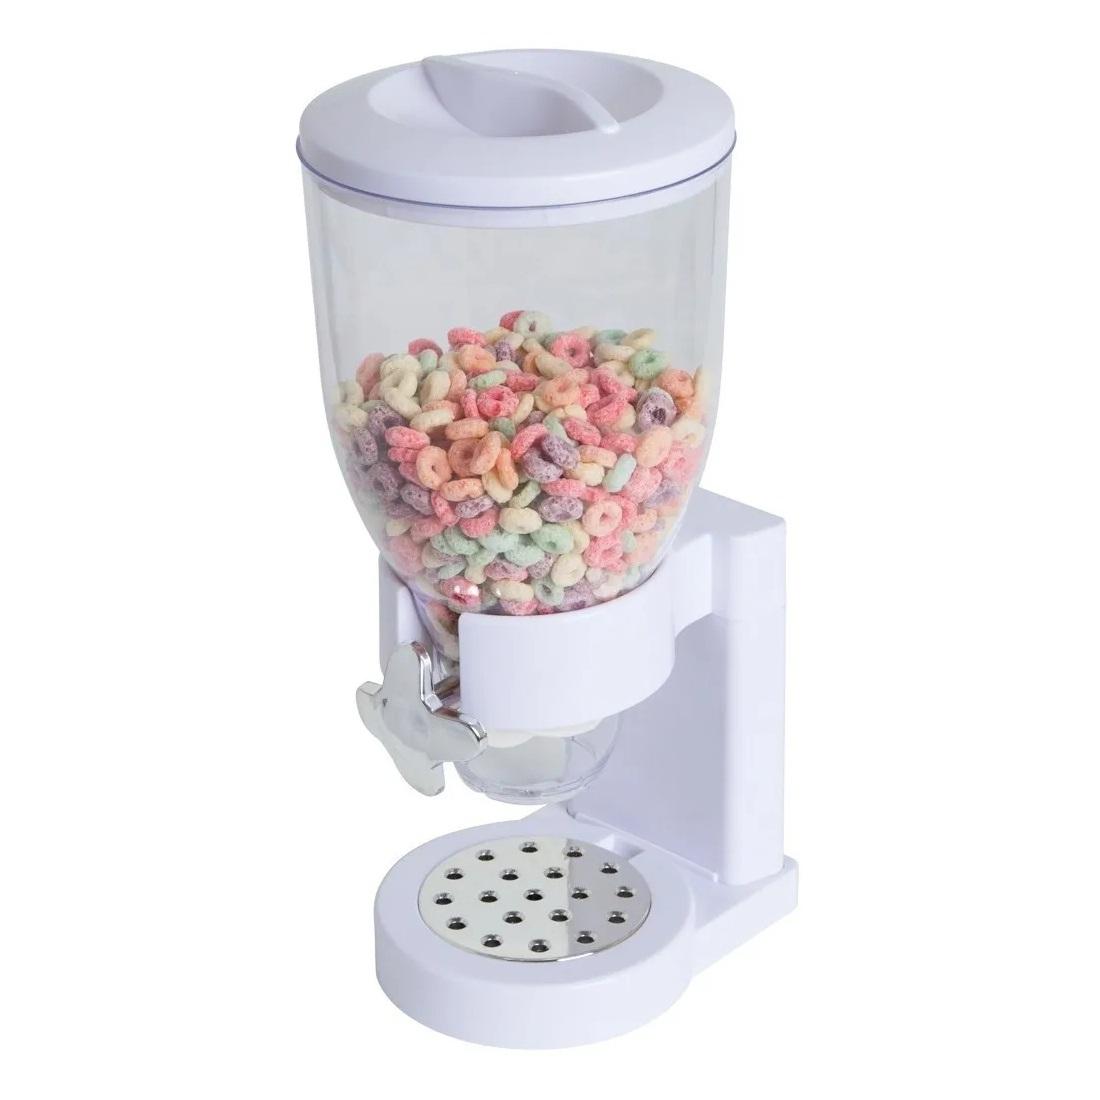 Dispenser Porta Cereal de acrílico 3,5 litros